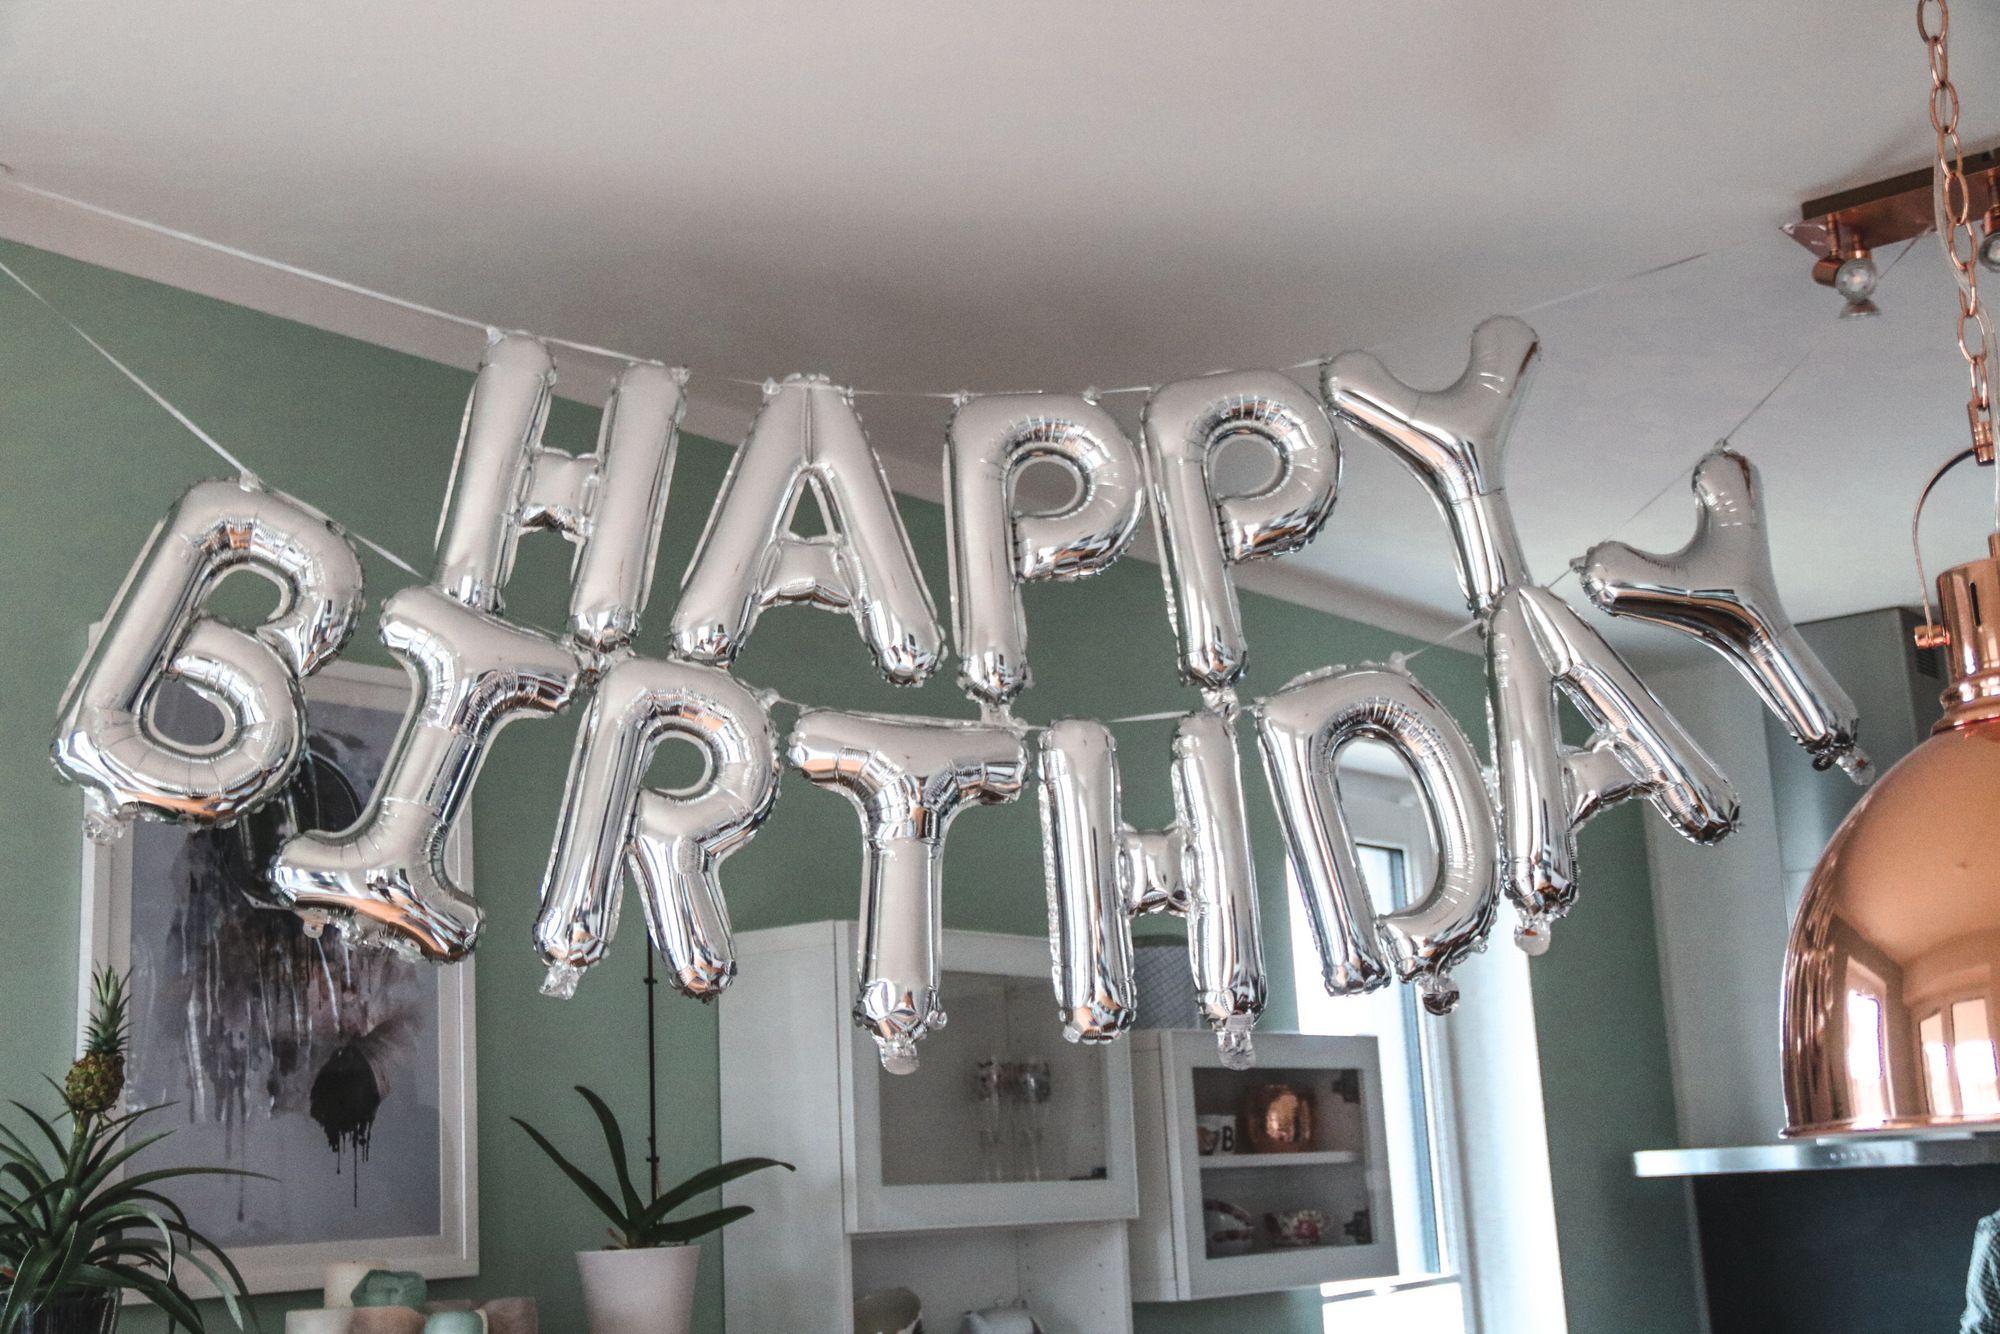 Mein 25 Geburtstag In Hamburg Personliche Gedanken Zum